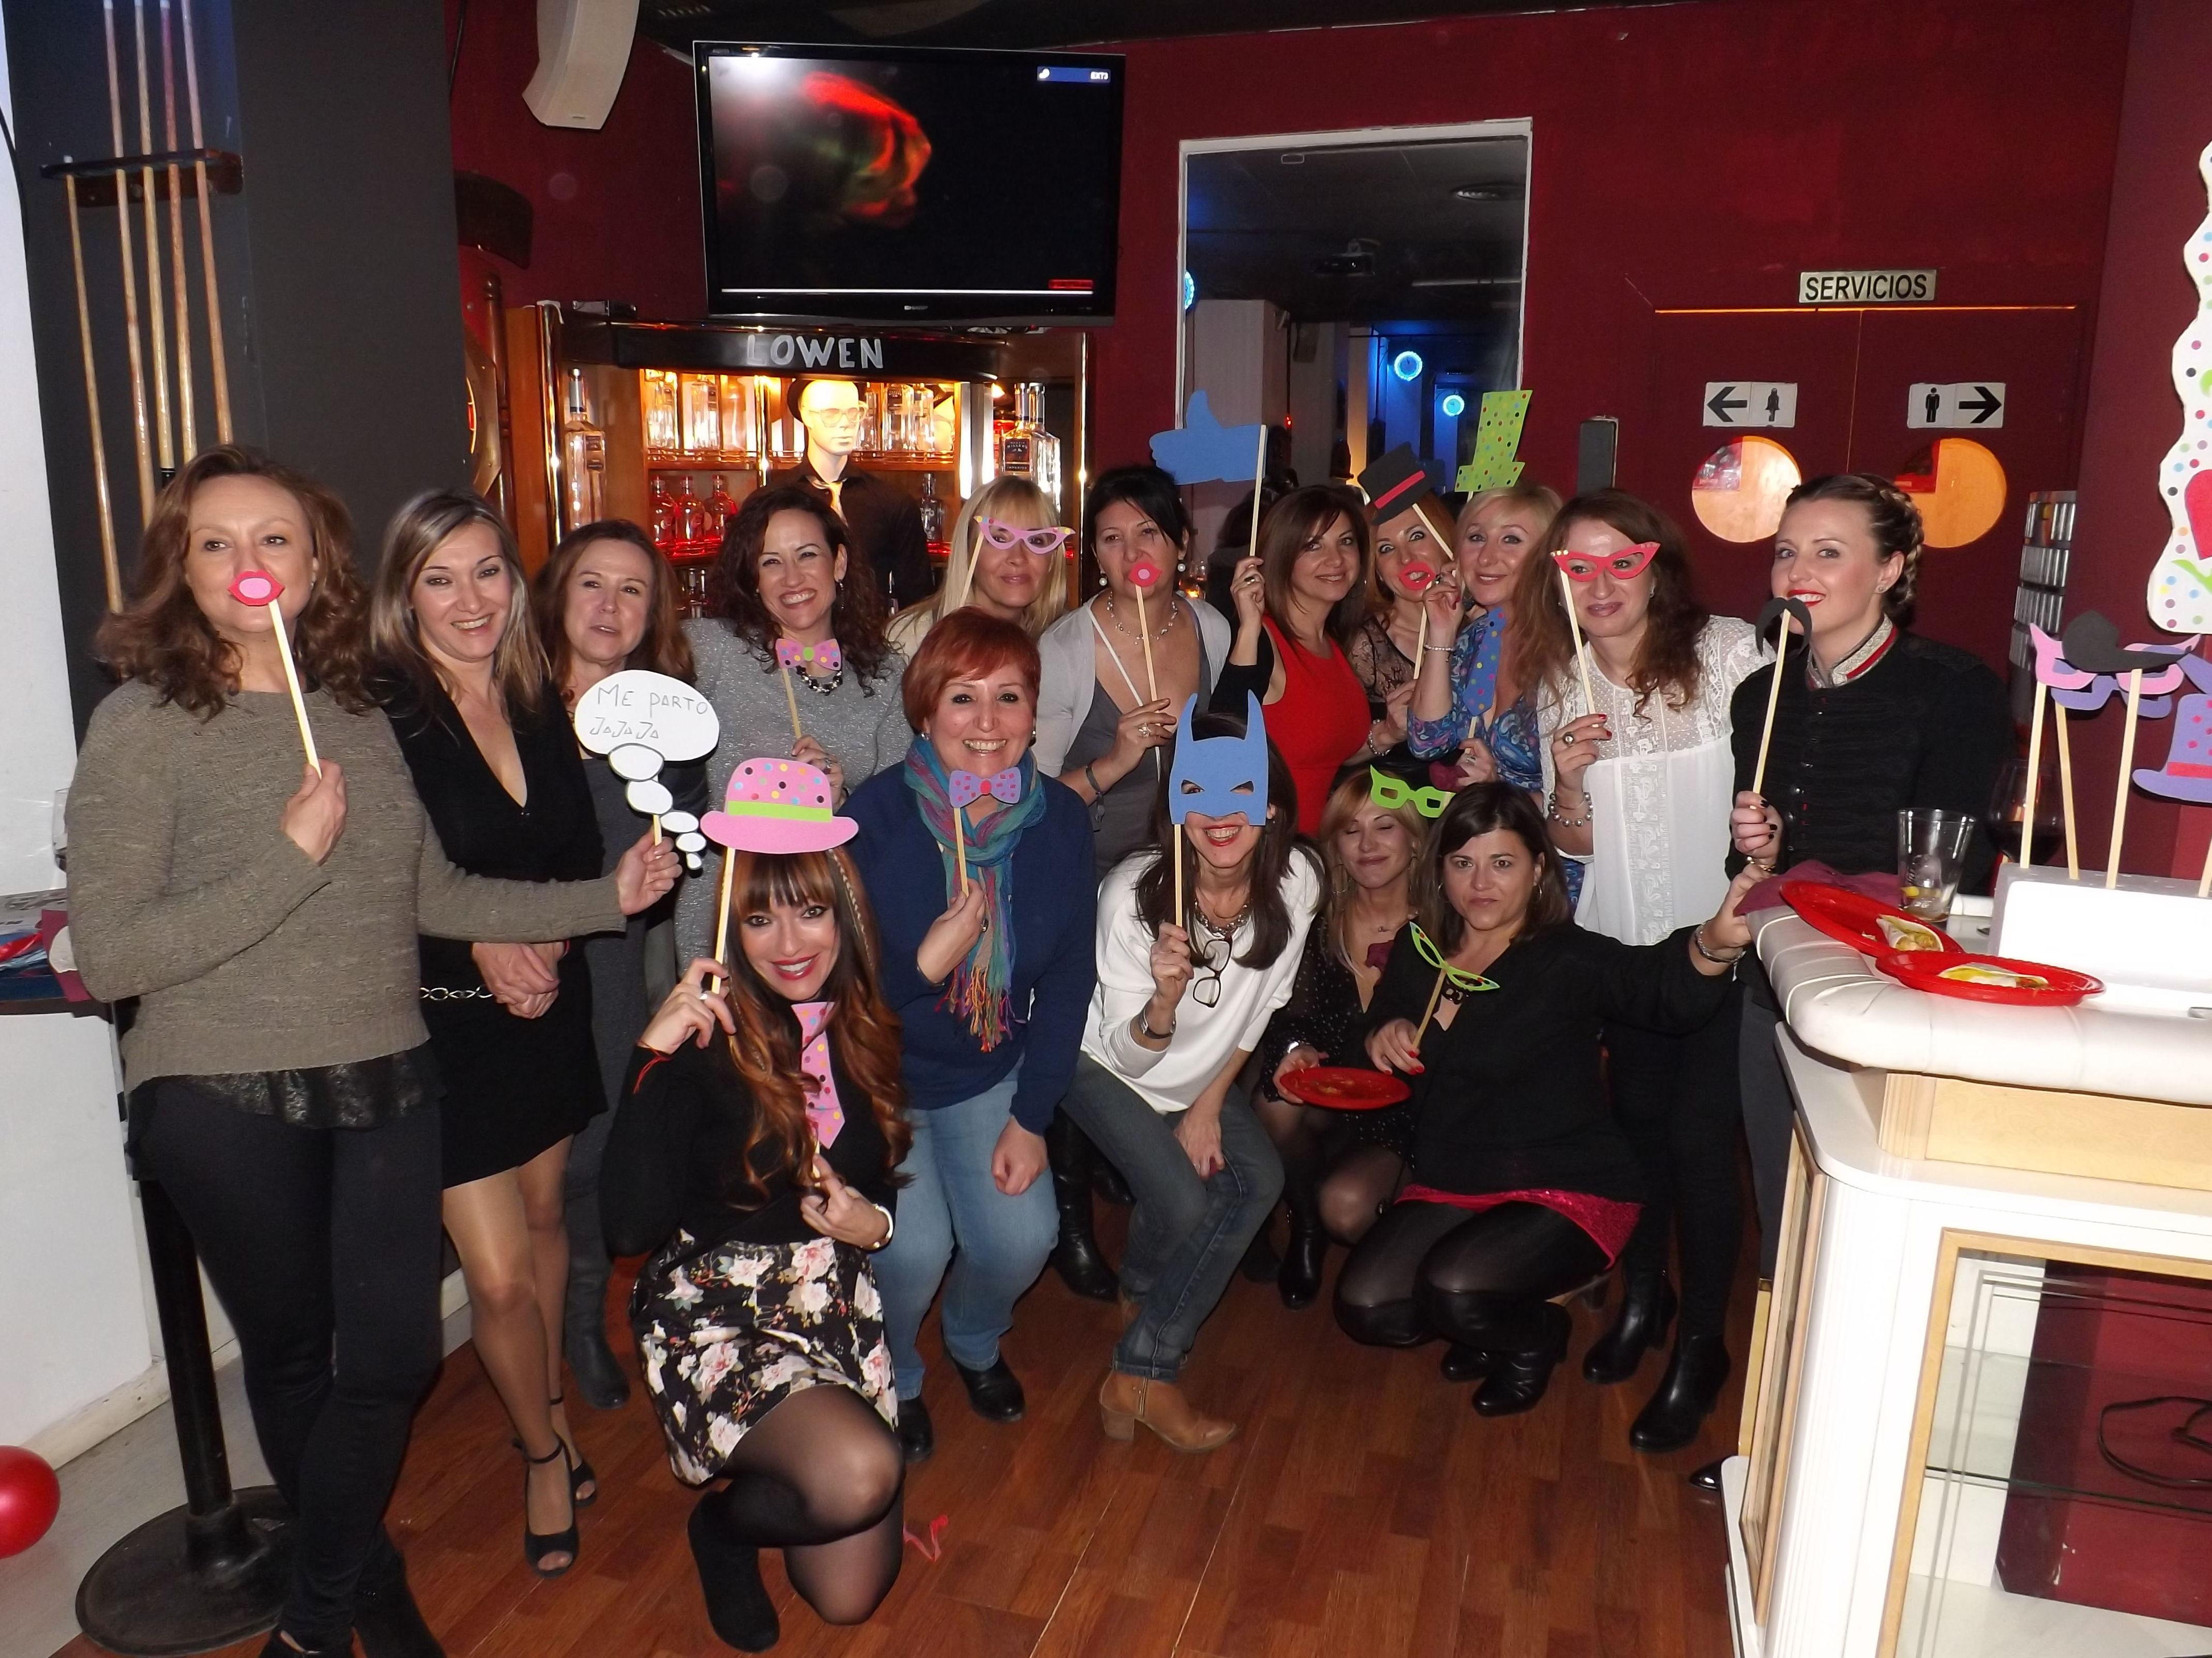 Foto 19 de Pubs y bares de copas en Valencia | Löwen